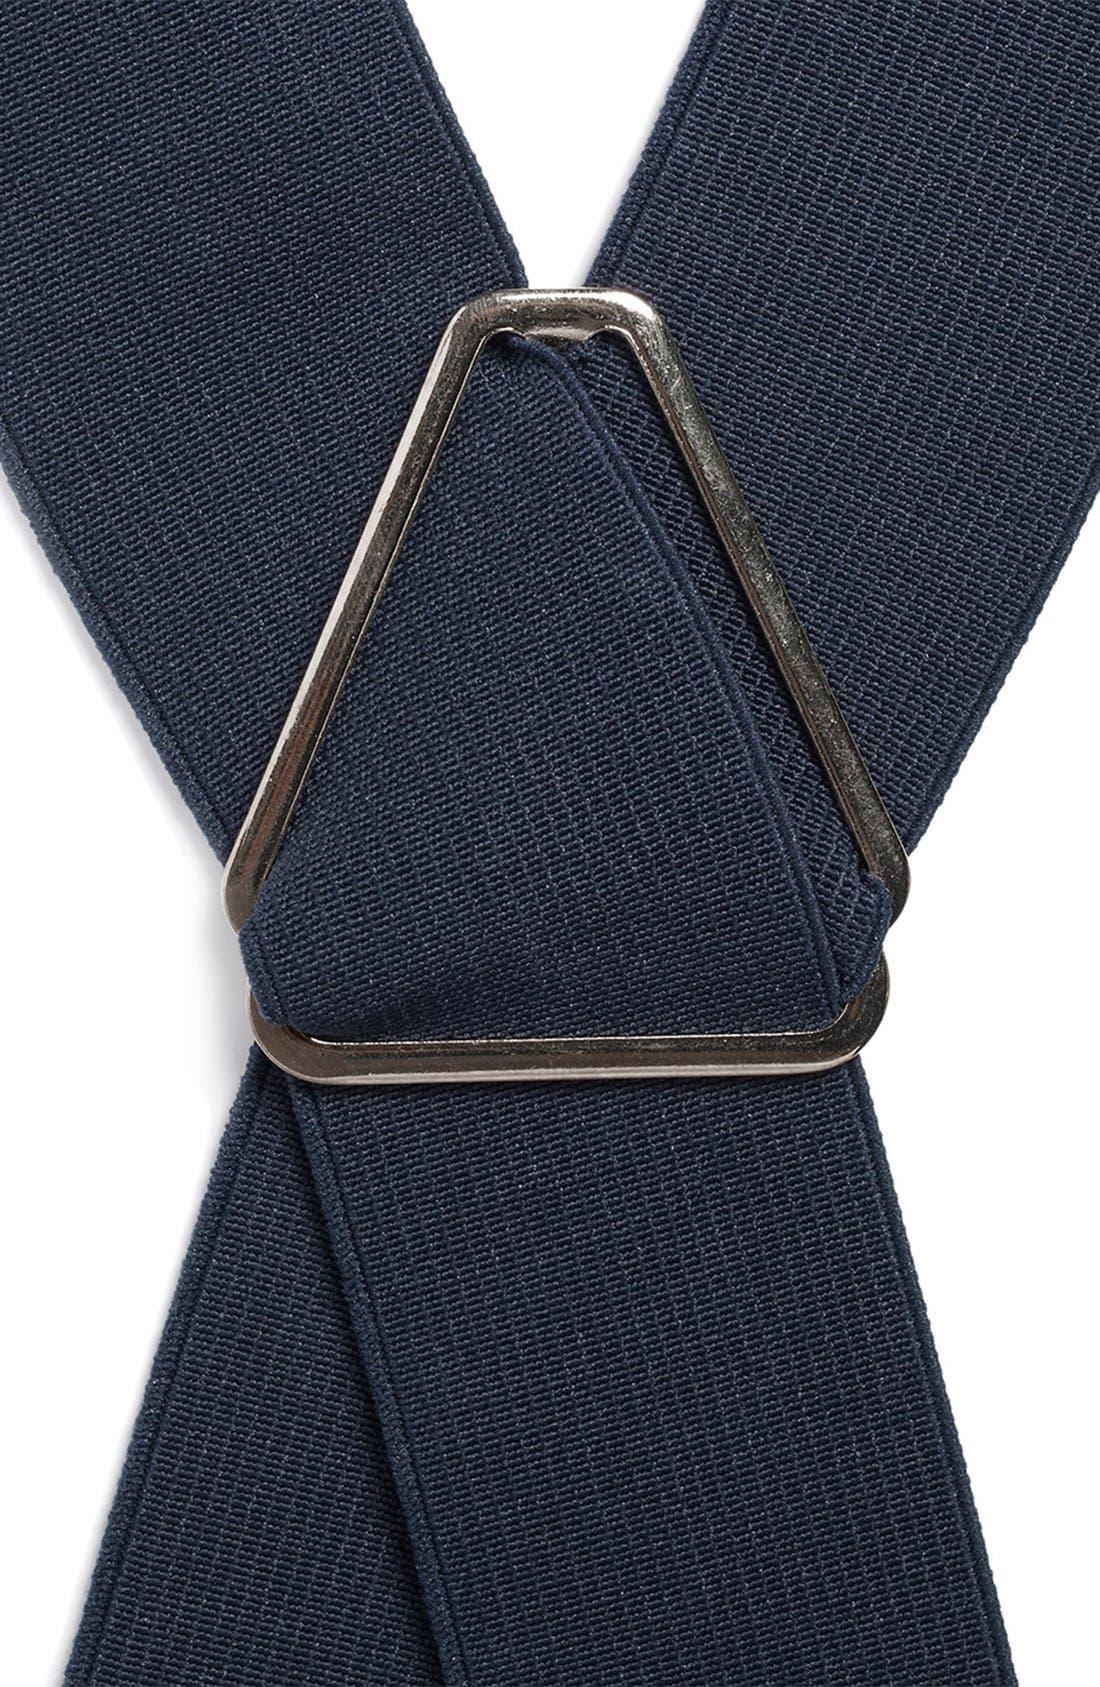 Alternate Image 2  - Topman Navy Suspenders